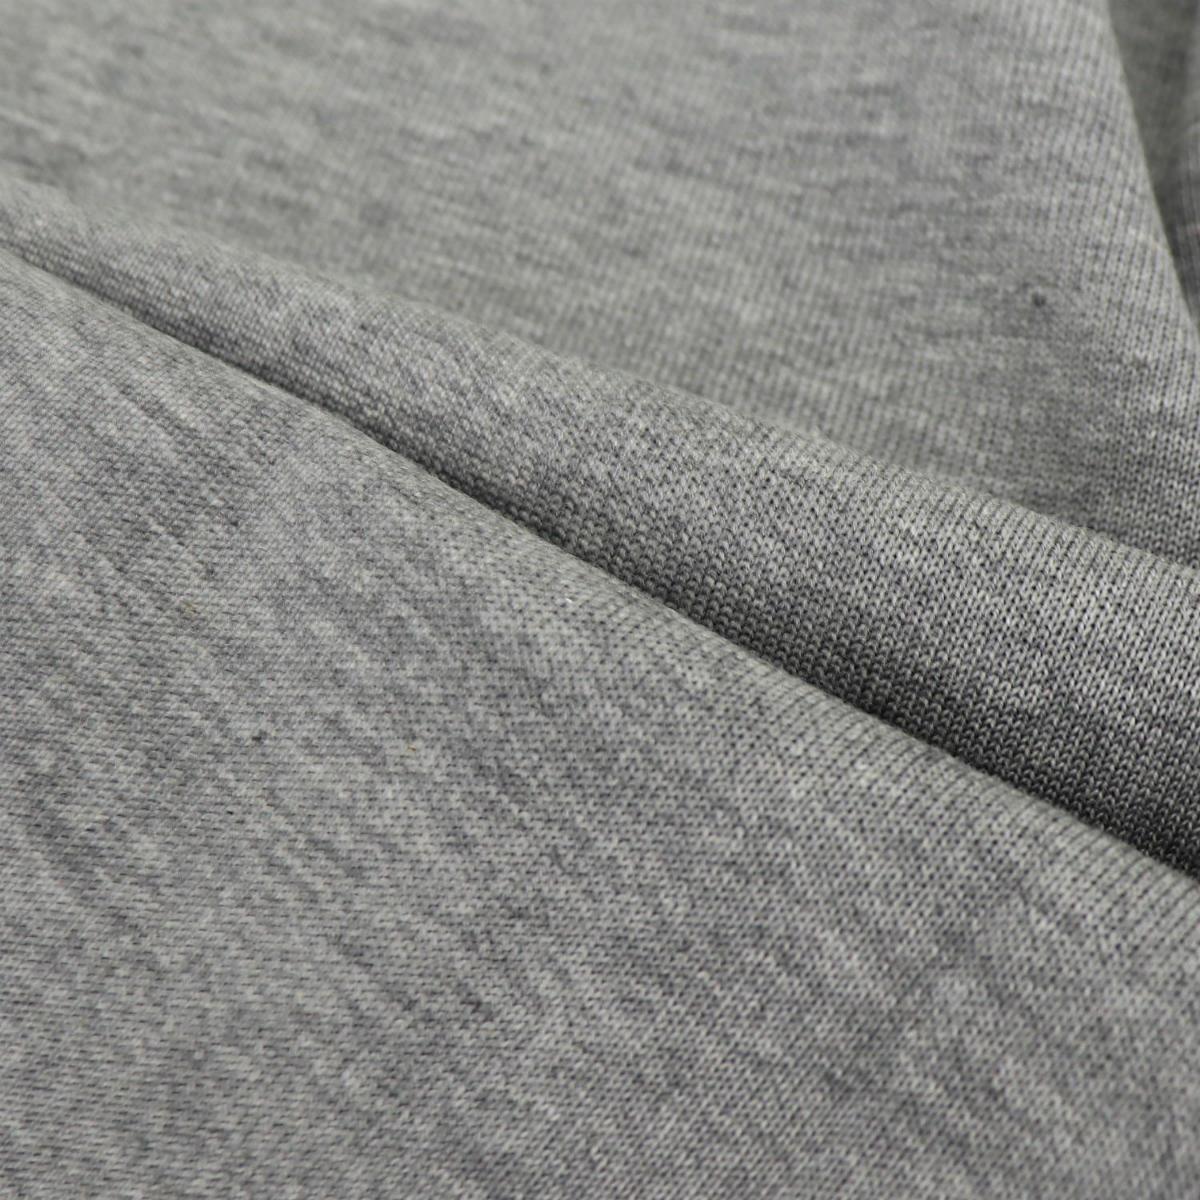 カルナ KALNA レディース ウルティマ コットン クルーネック 半袖Tシャツ 1A11202S KAL 015(グレー) 春夏新作